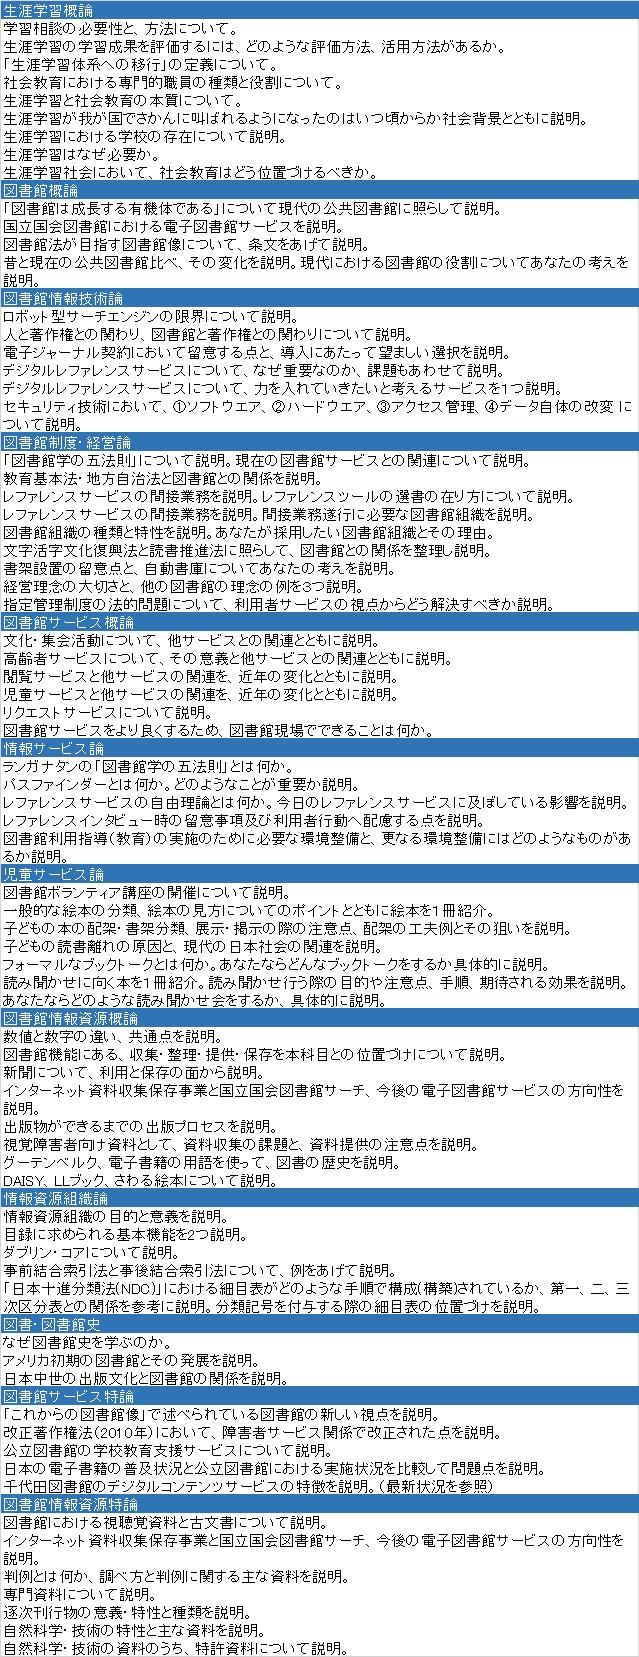 f:id:uonoushiro:20161031111018j:plain